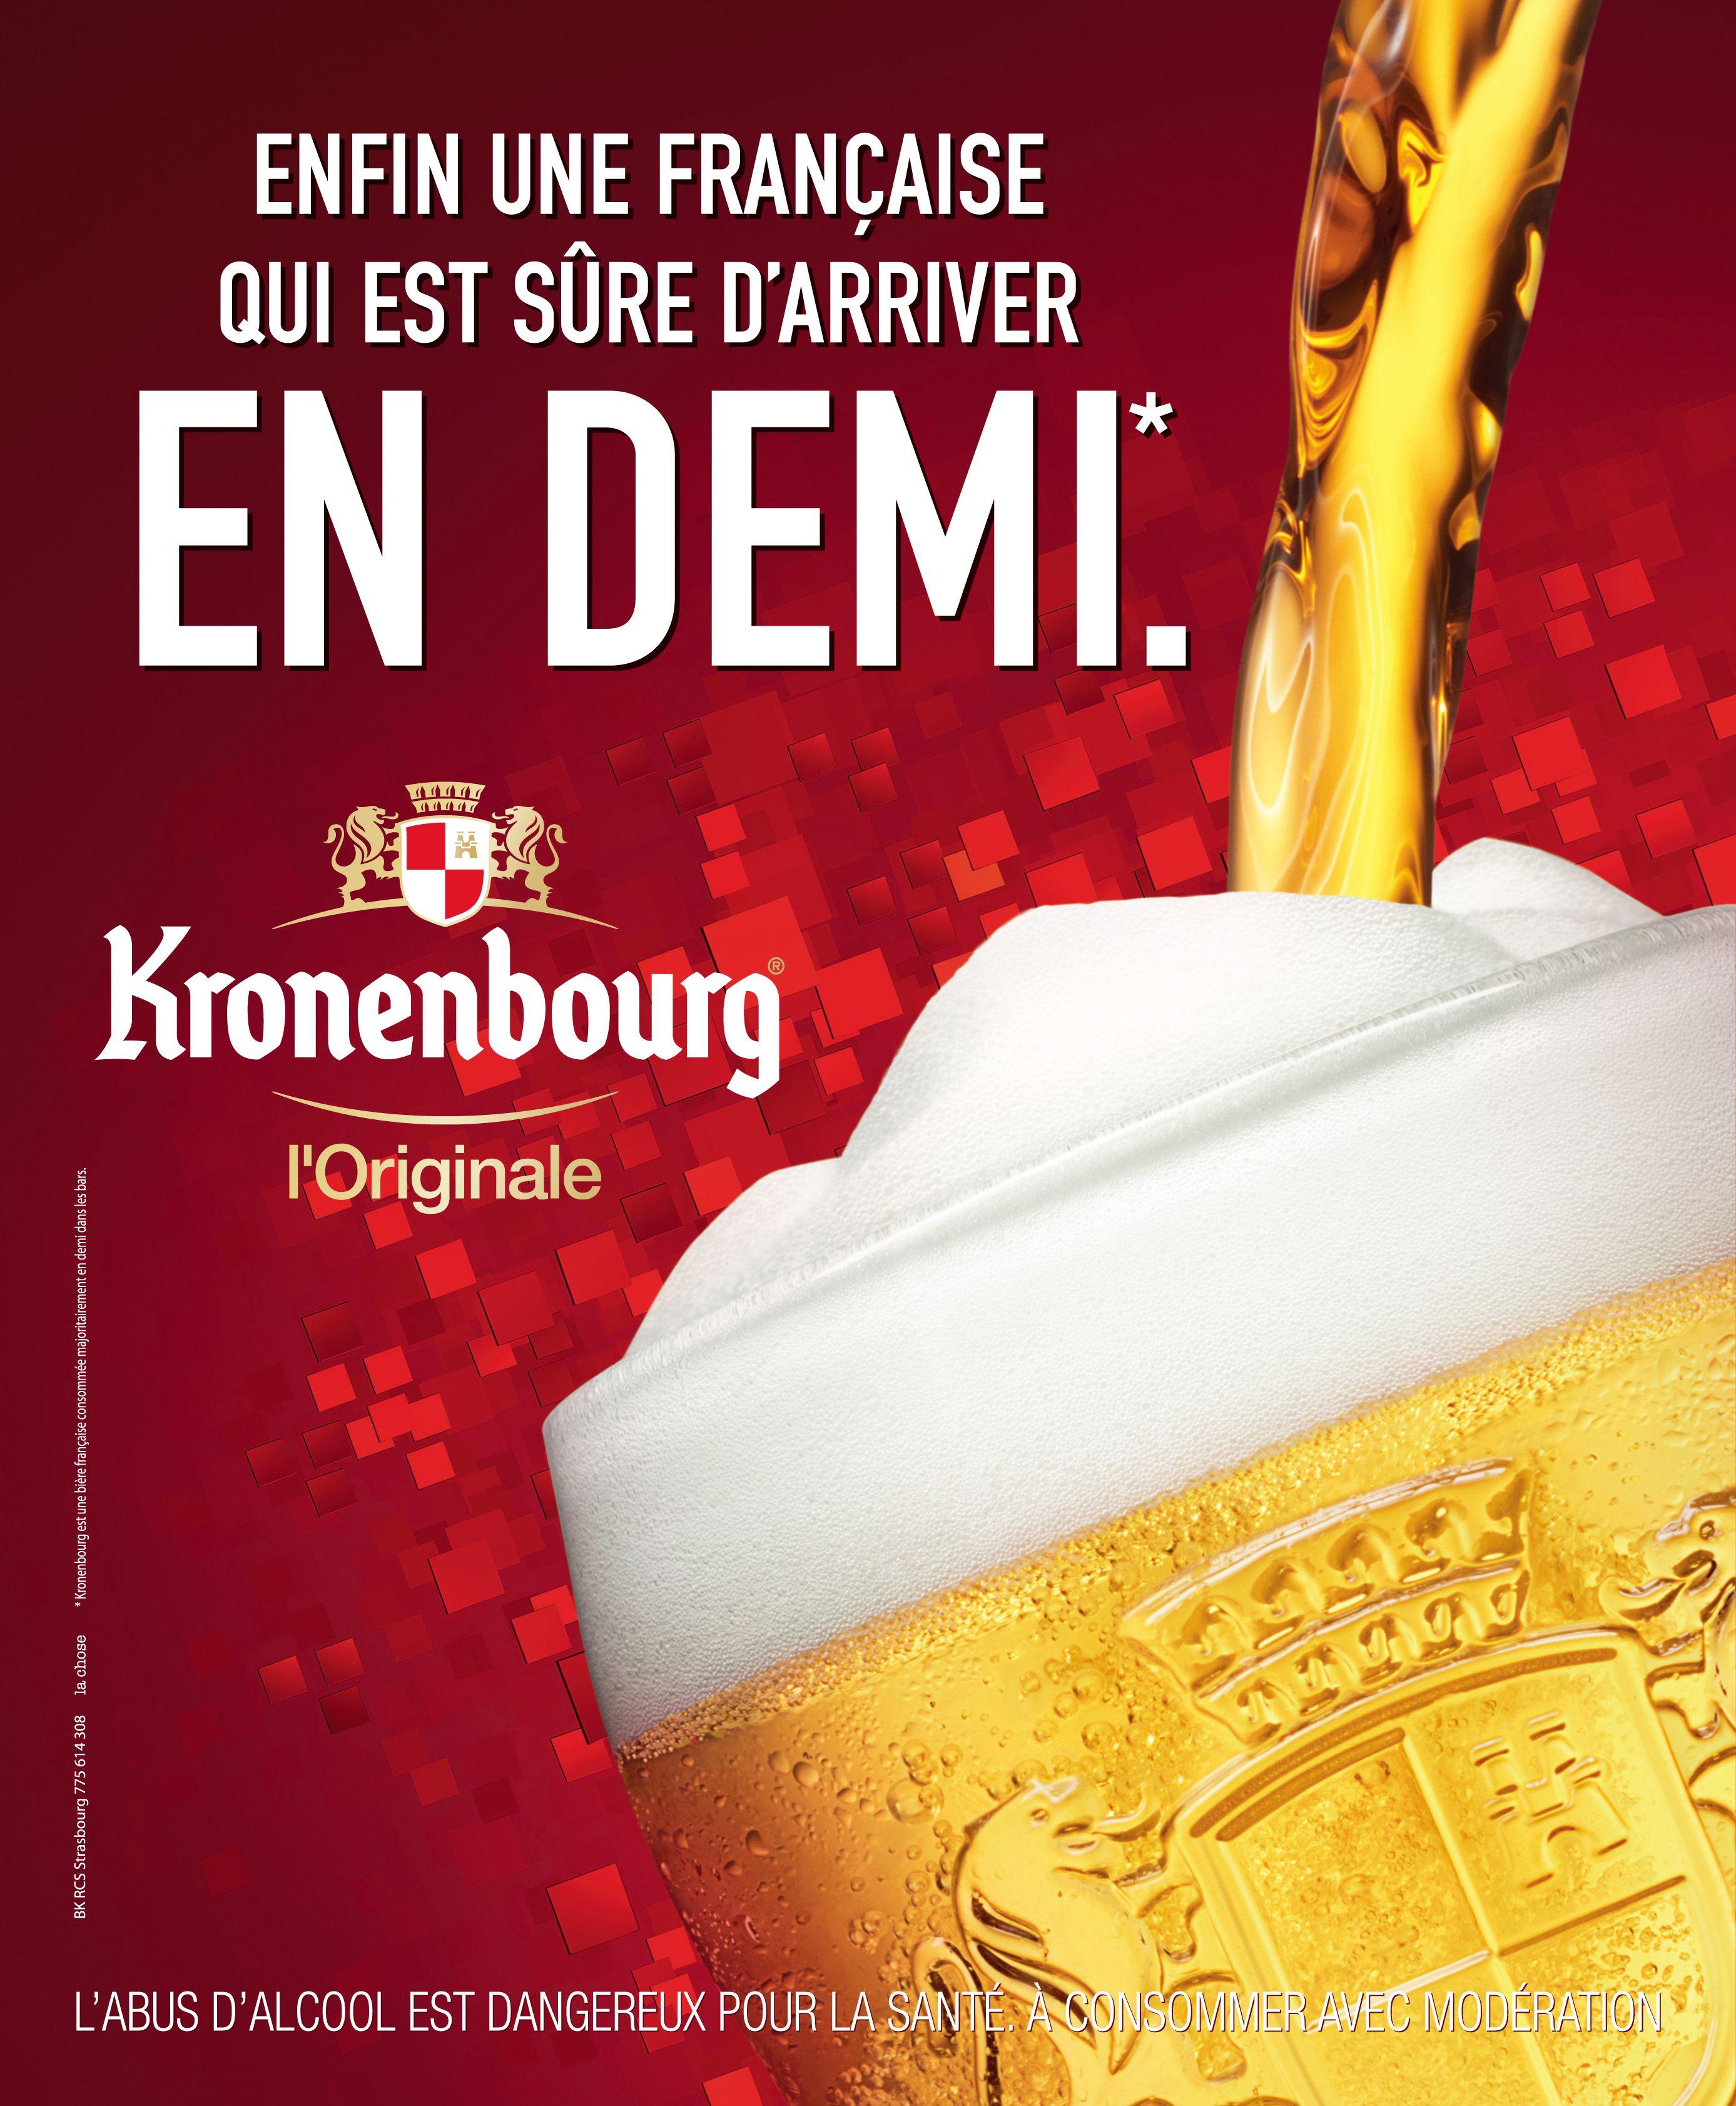 Kronenbourg, L'Originale by la chose - agence la chose